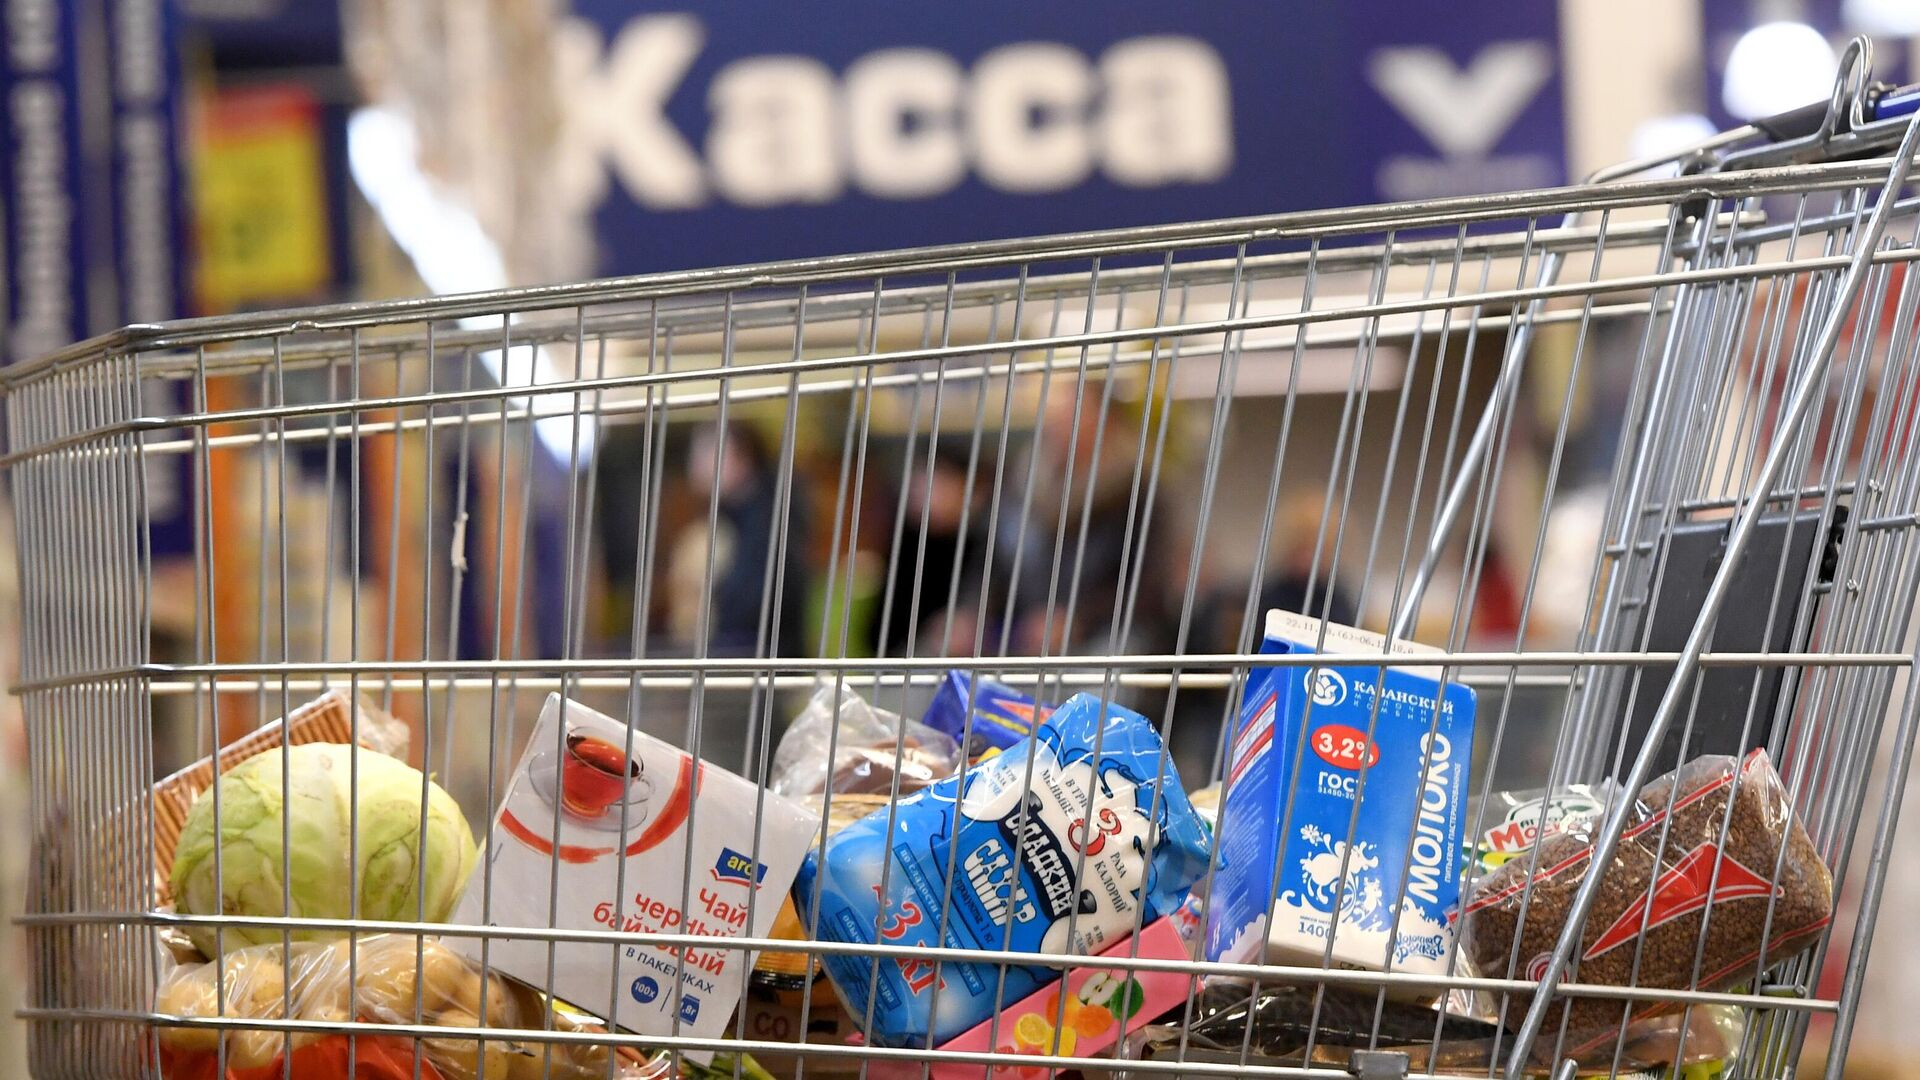 Тележка с продуктами в магазине - РИА Новости, 1920, 02.05.2021